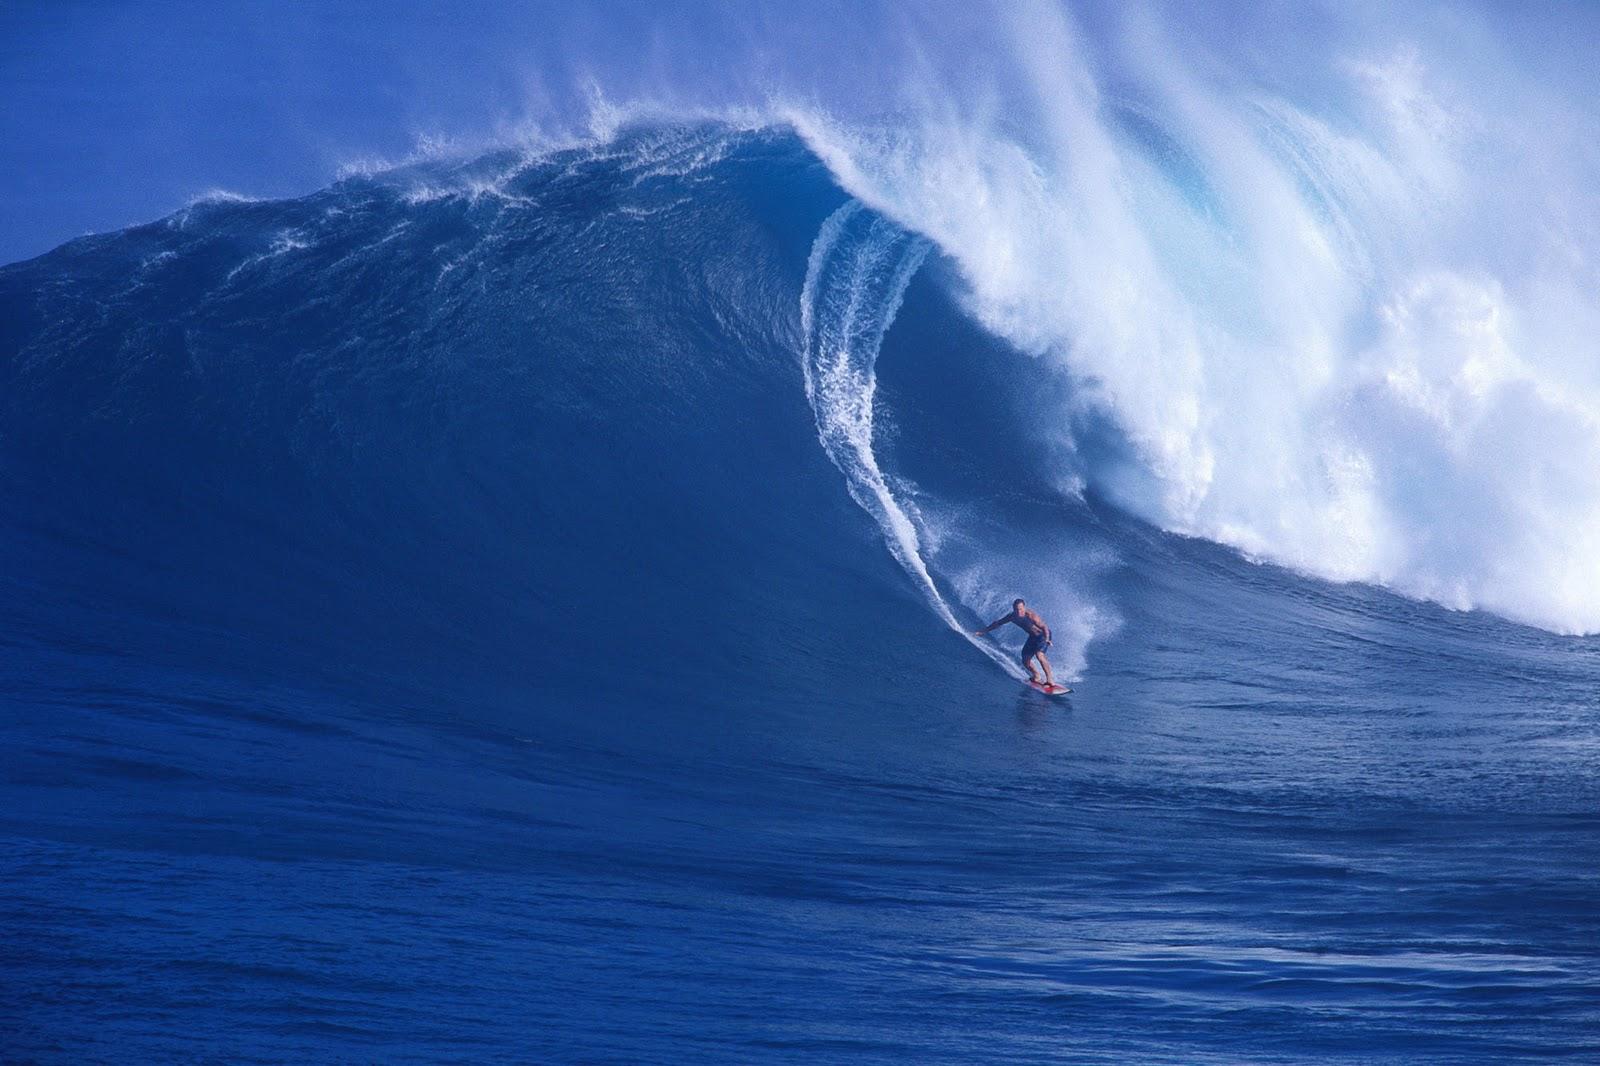 http://4.bp.blogspot.com/-O6pEZhvoh70/TuneWJaJmMI/AAAAAAAAAN0/Qvmrn4LAJ_s/s1600/surfing-maui-hawaii-wallpaper-tab.jpg